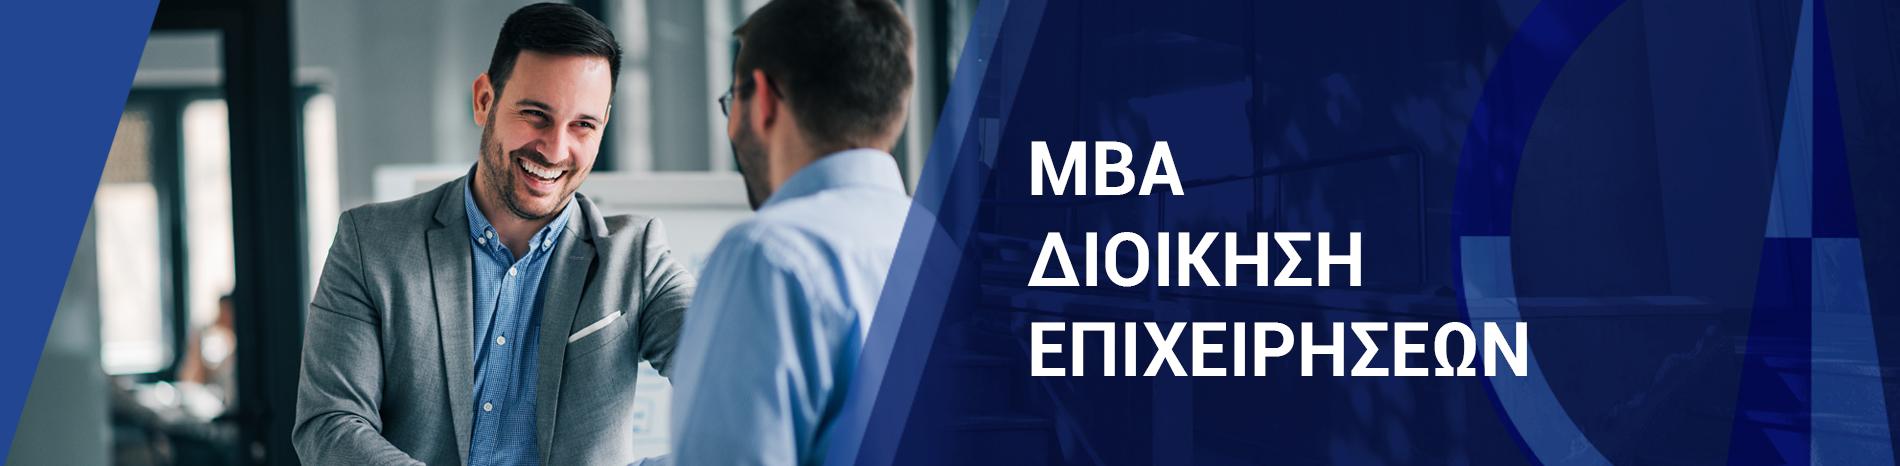 Πανεπιστήμιο Frederick | Μεταπτυχιακό στην Διοίκηση Επιχειρήσεων (MBA) Δια Ζώσης